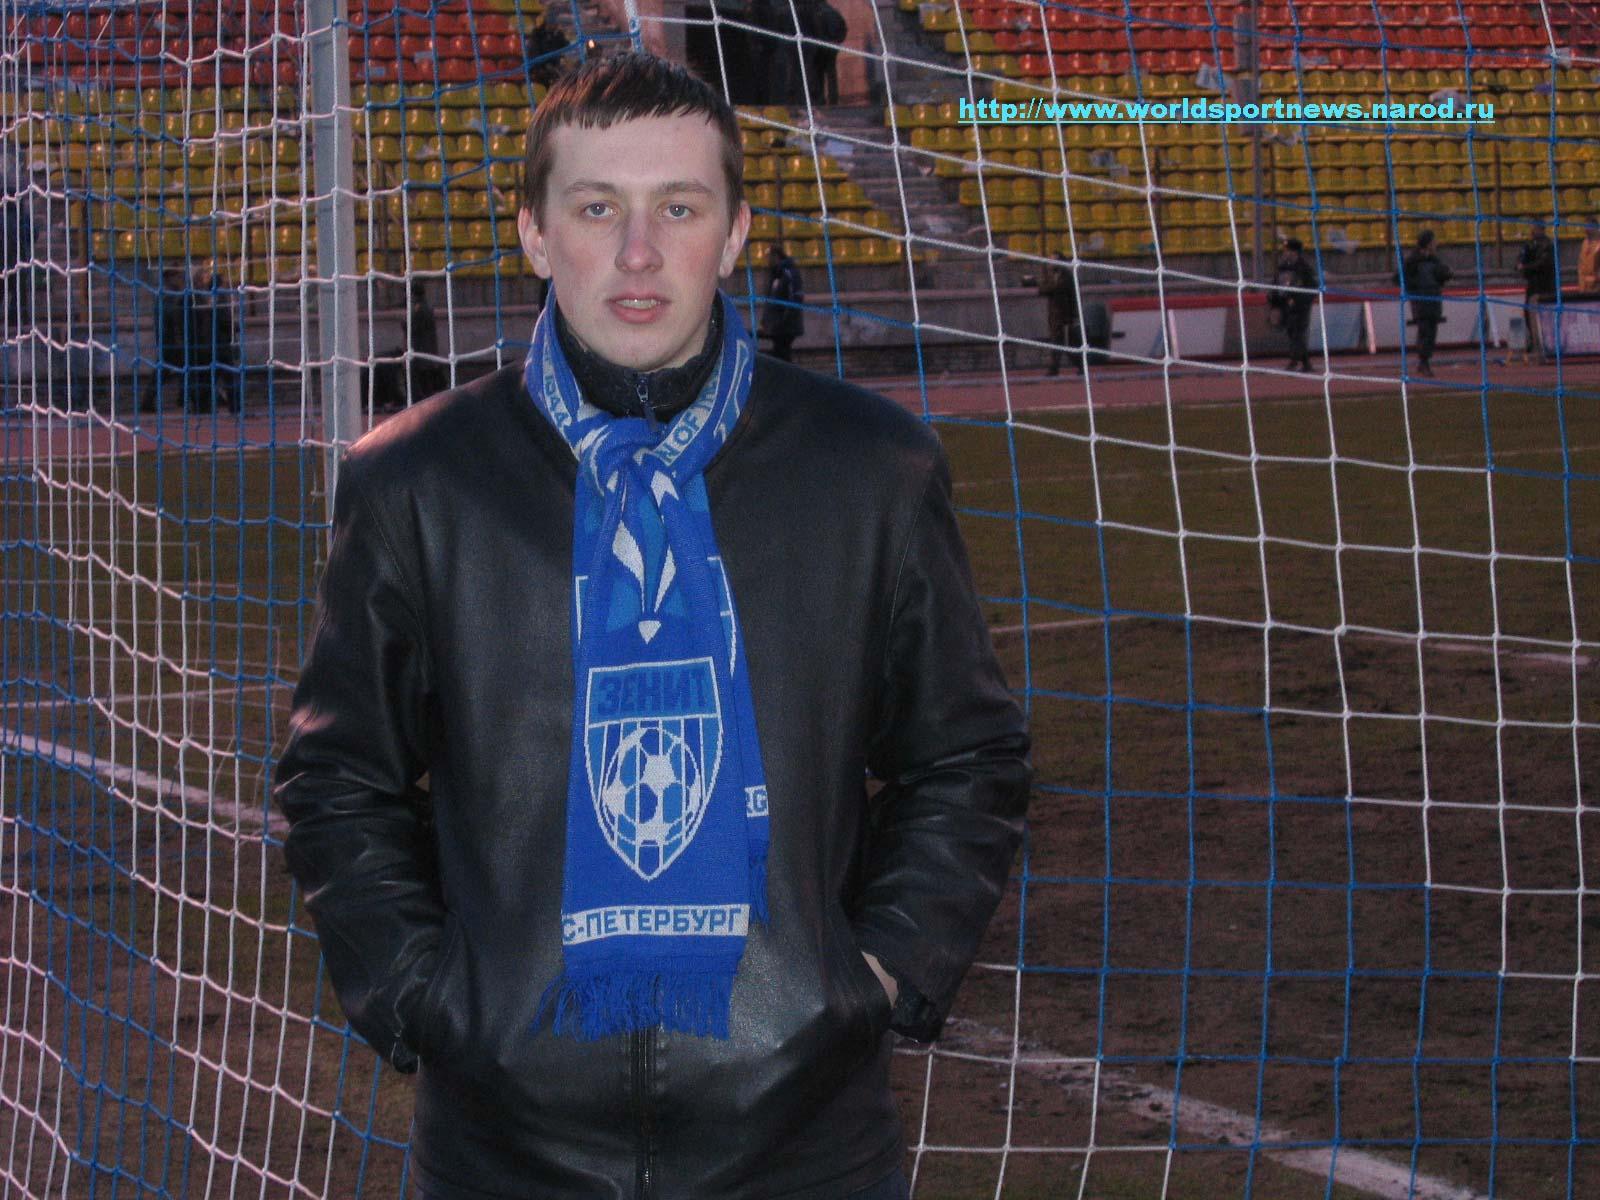 После матча Зенит - Рубин, Максим на стадионе Петровском 7 апреля 2004 года.